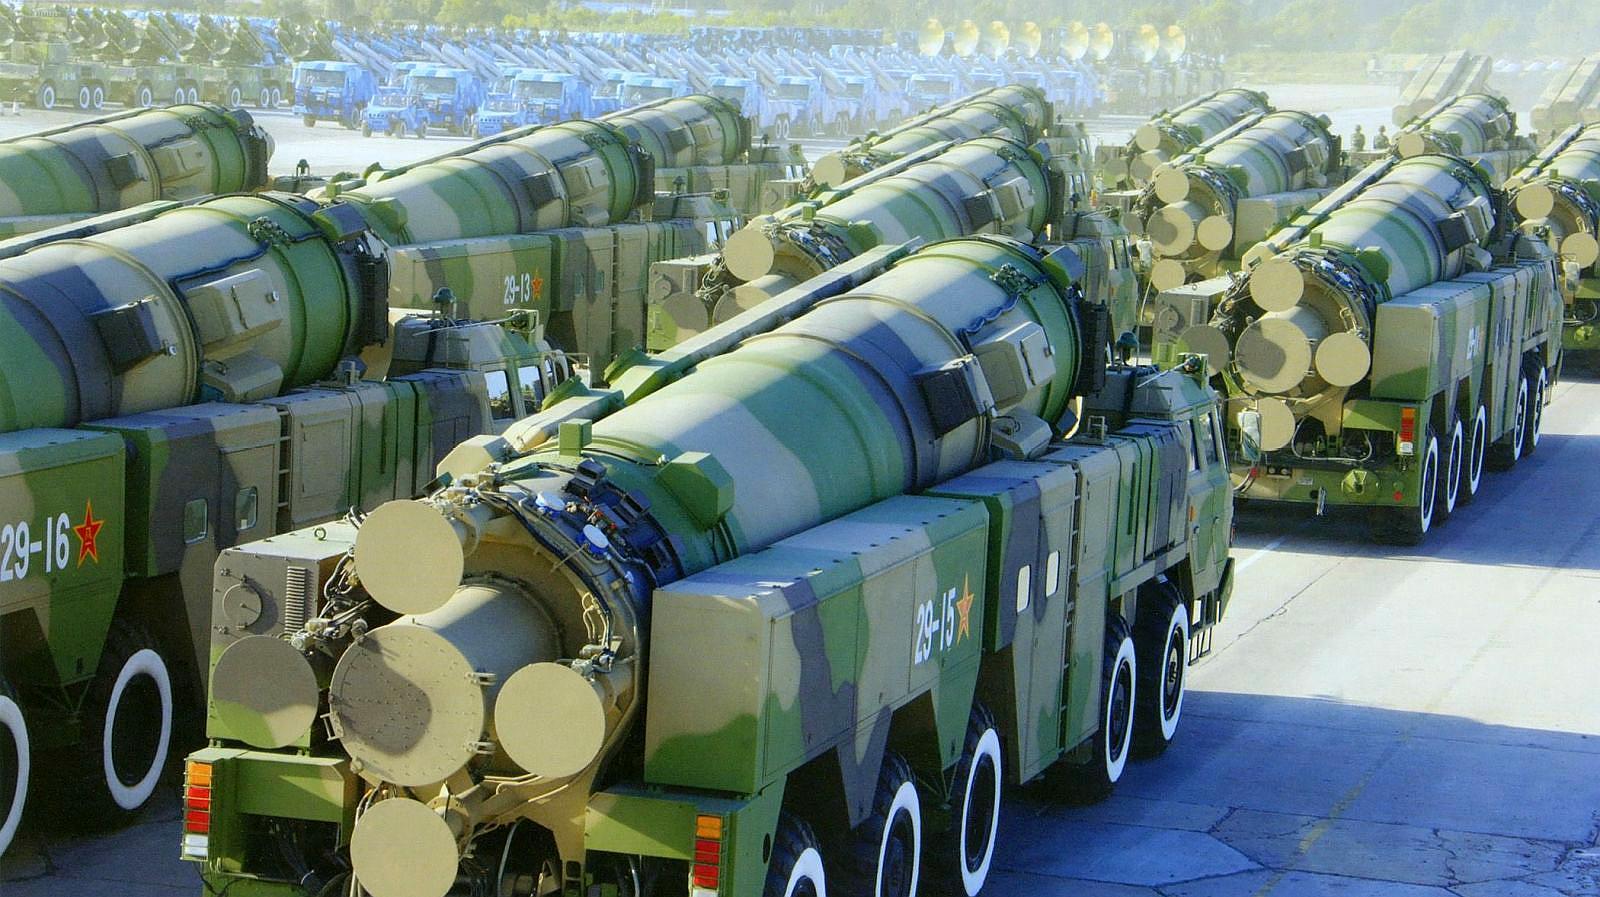 亚洲哪些角色差点研制出了核武器?日本最早,伊朗最顽强